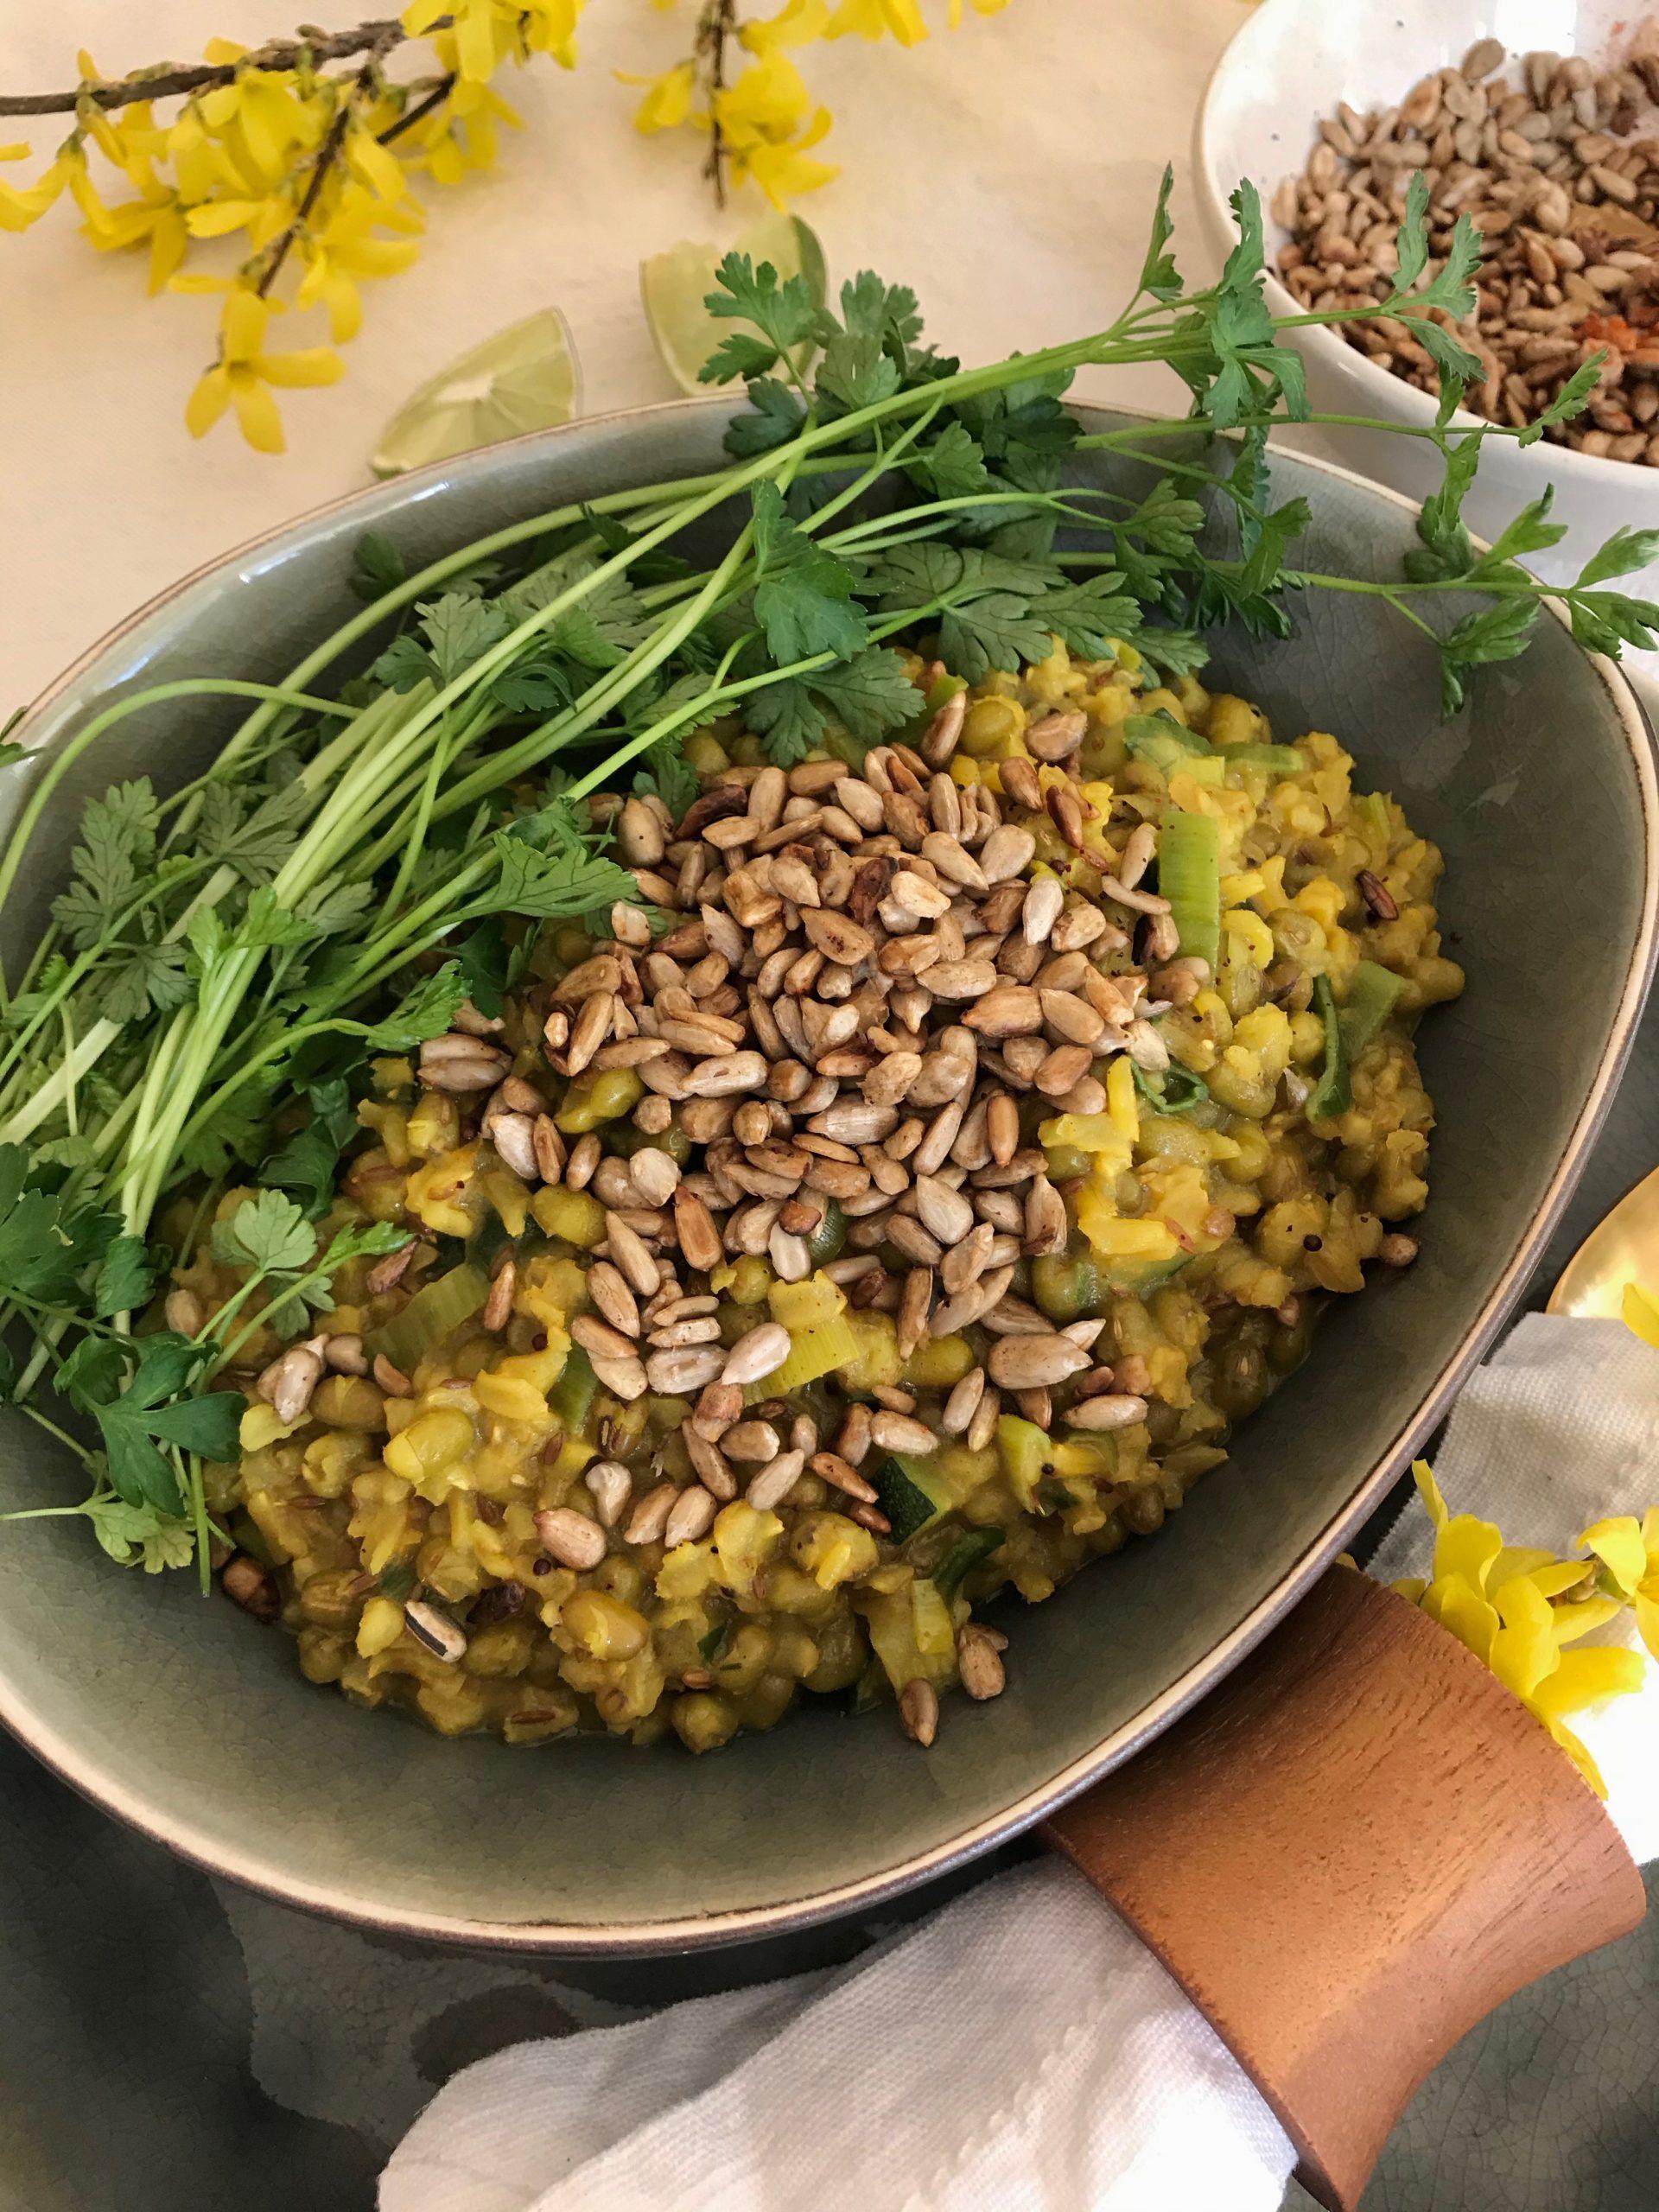 Ayurveda mung bean kapha kitchadi recipe